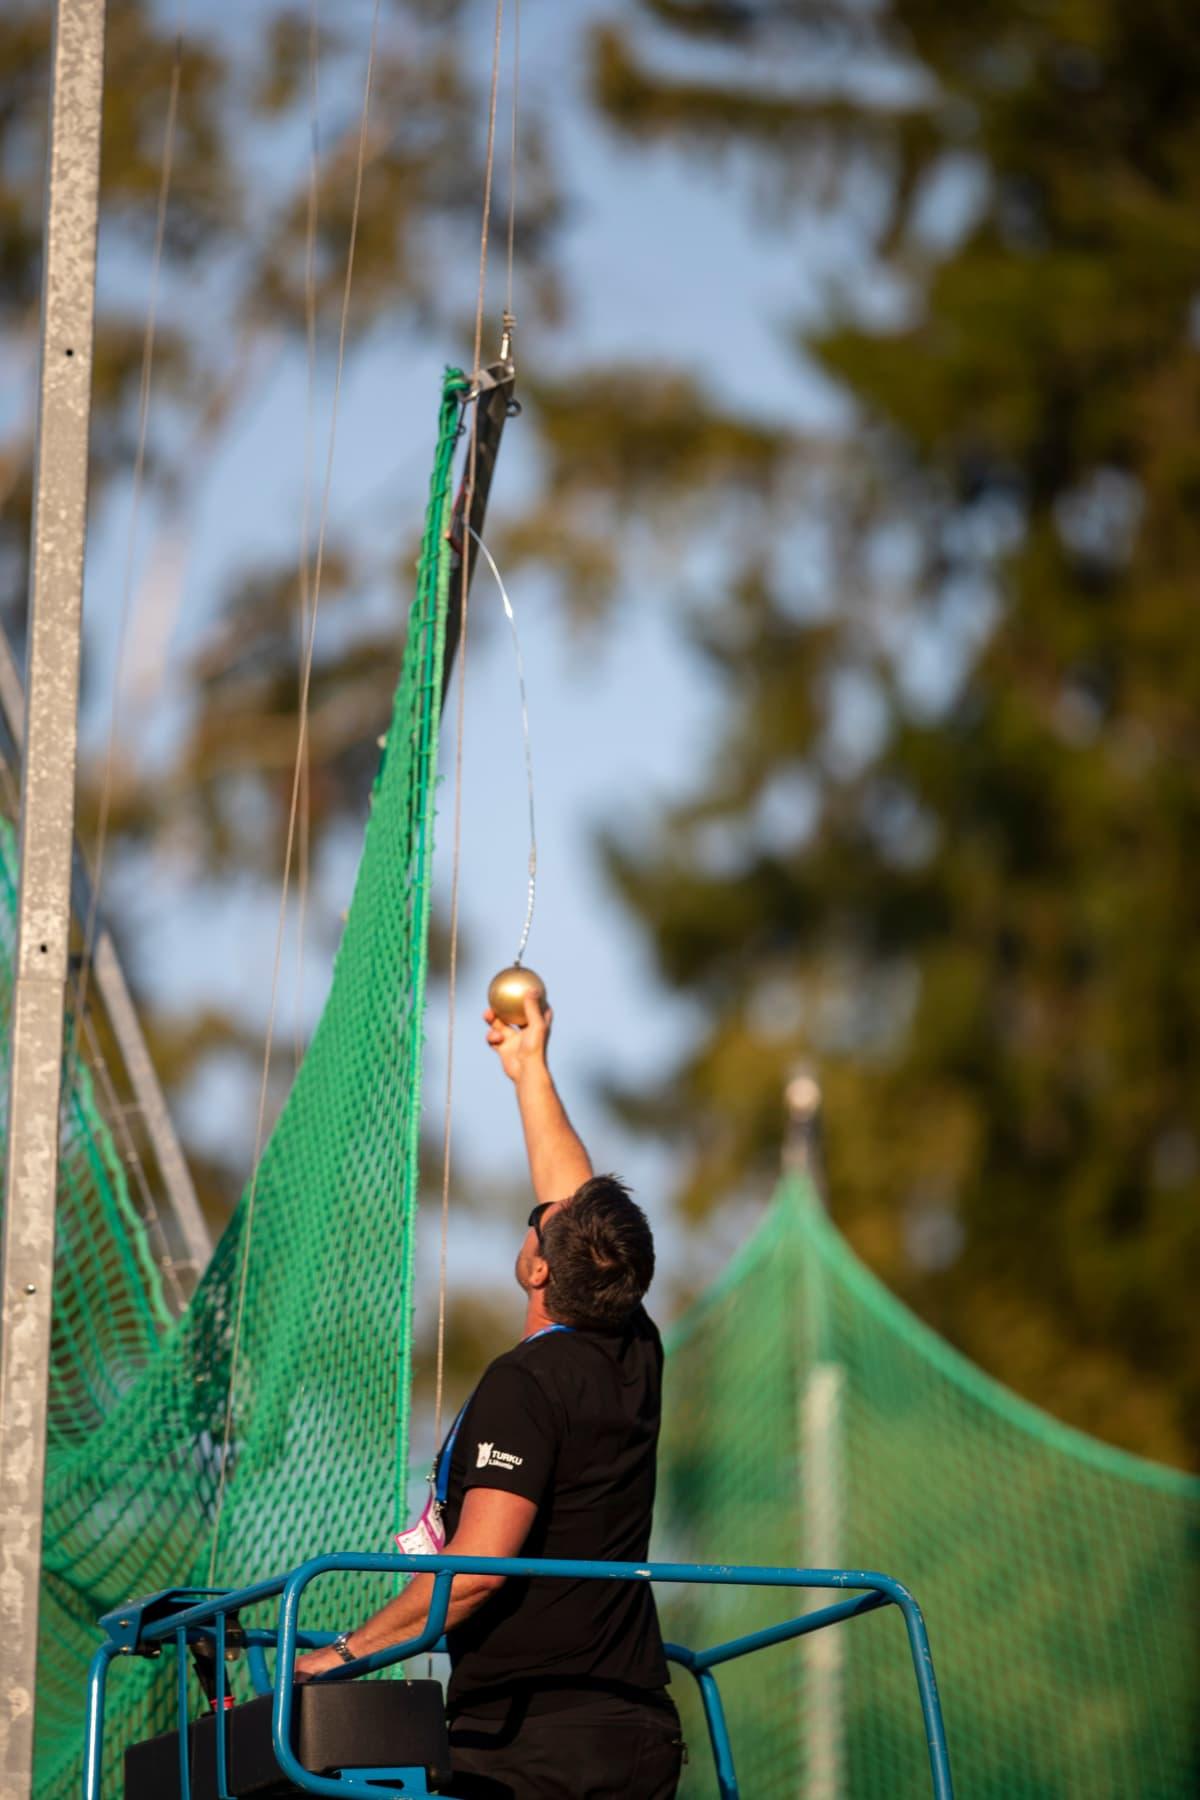 Kaisu Eskelinen heittää verkkoon, johon moukari jää kiinni. Joudutaan kutsumaan nosturi paikalle ja aikaa tuhraantuu vartin verran. Yleisurheilun Kalevan Kisat 2020